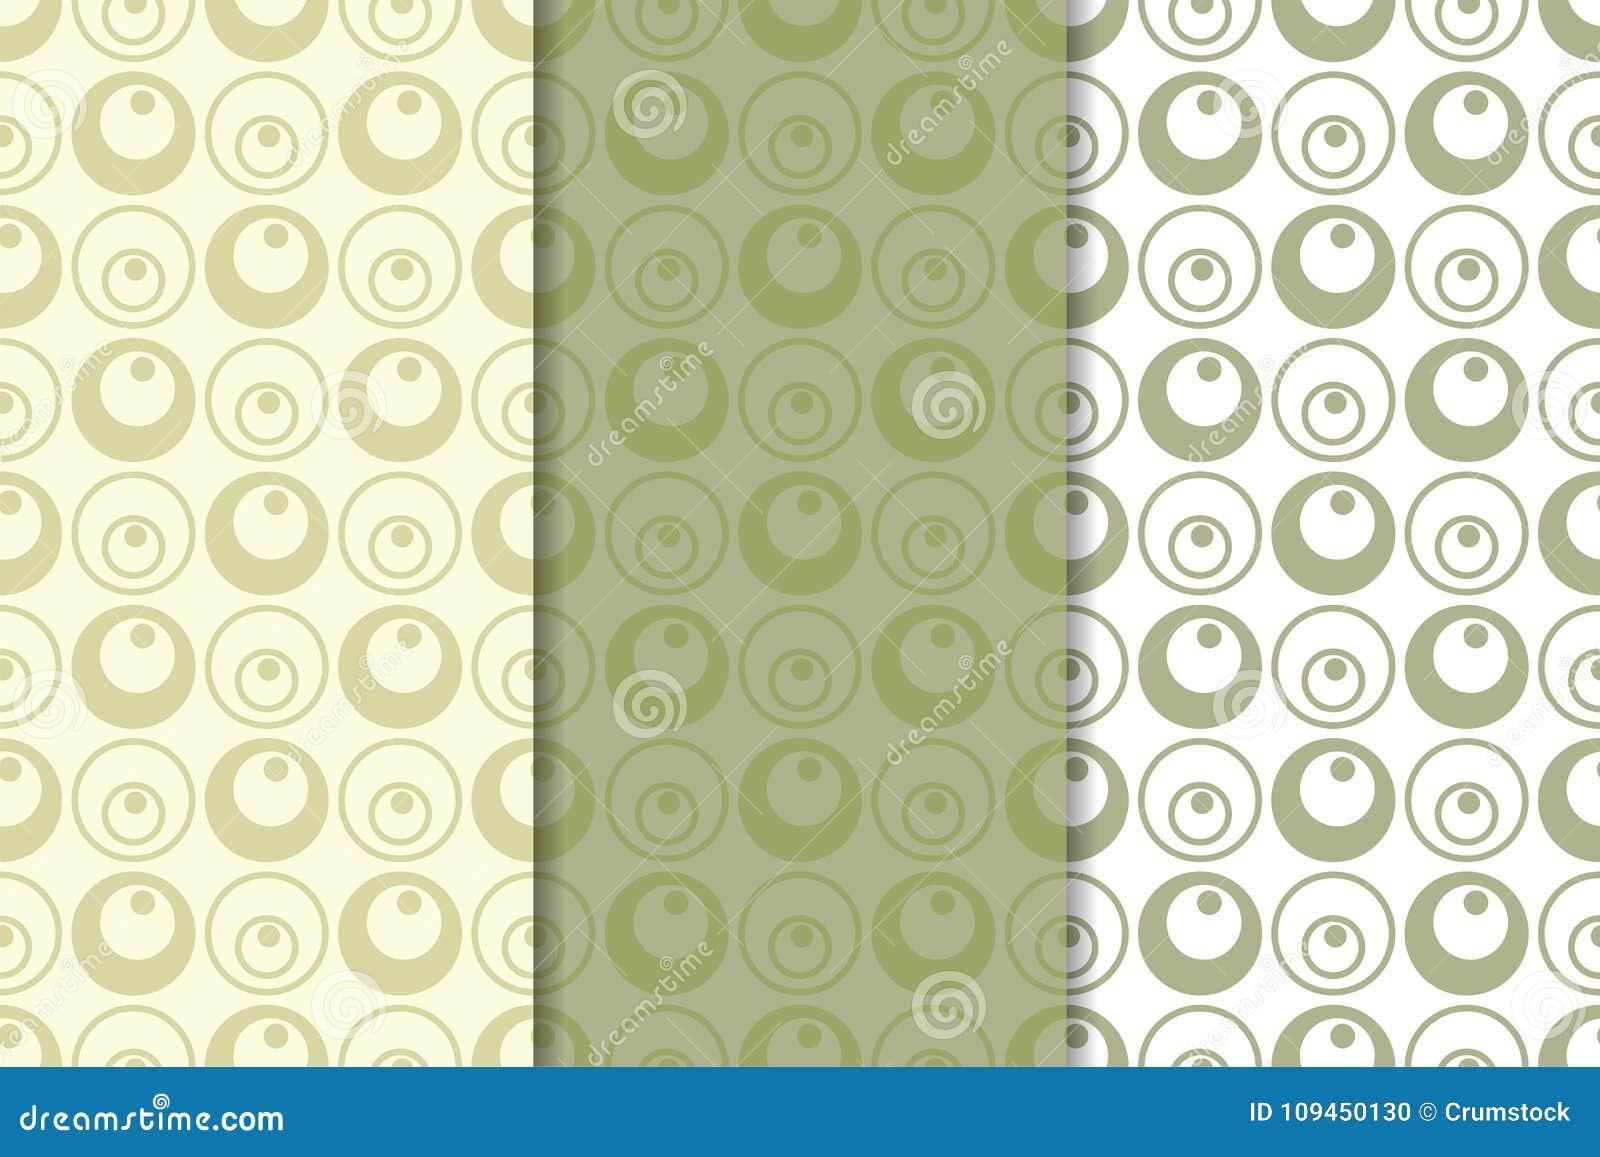 Прованские орнаменты зеленого цвета и белых геометрические делает по образцу безшовный комплект